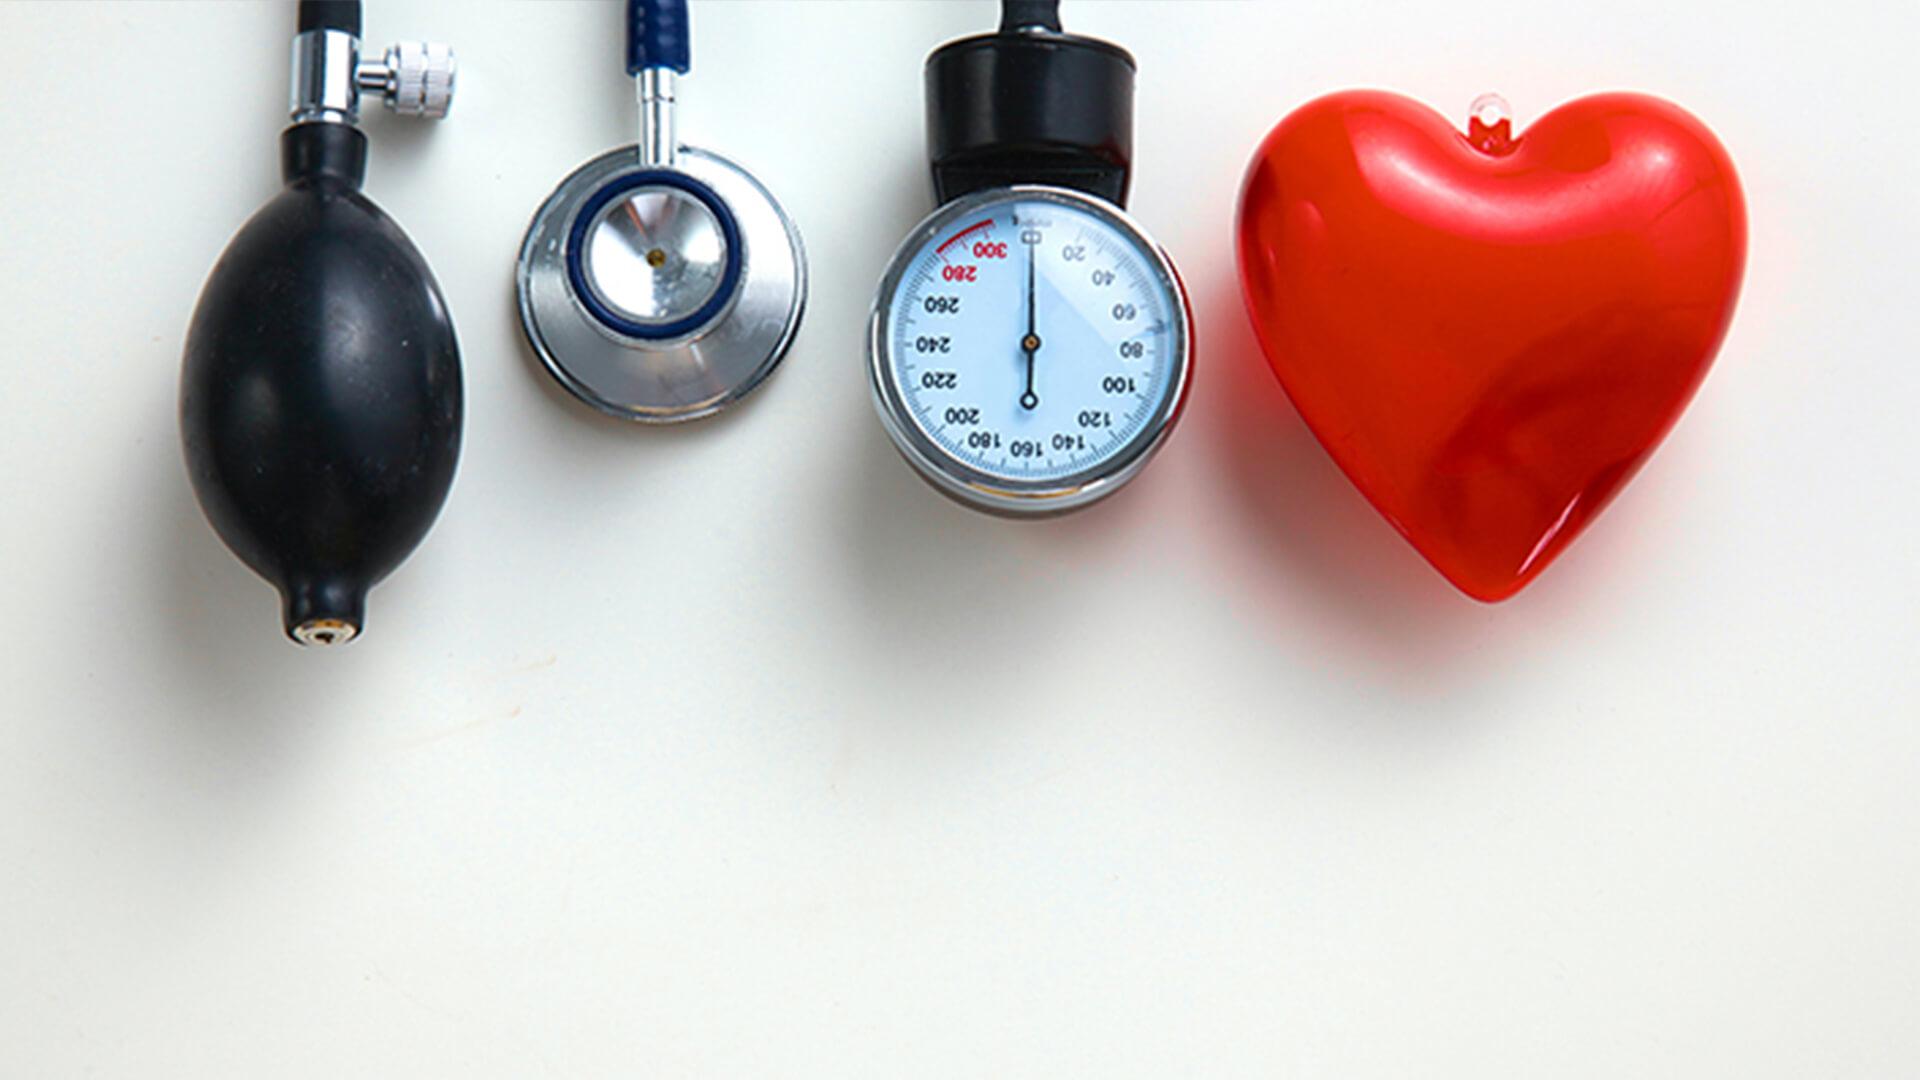 Magas vérnyomás hogyan lehet természetesen csökkenteni